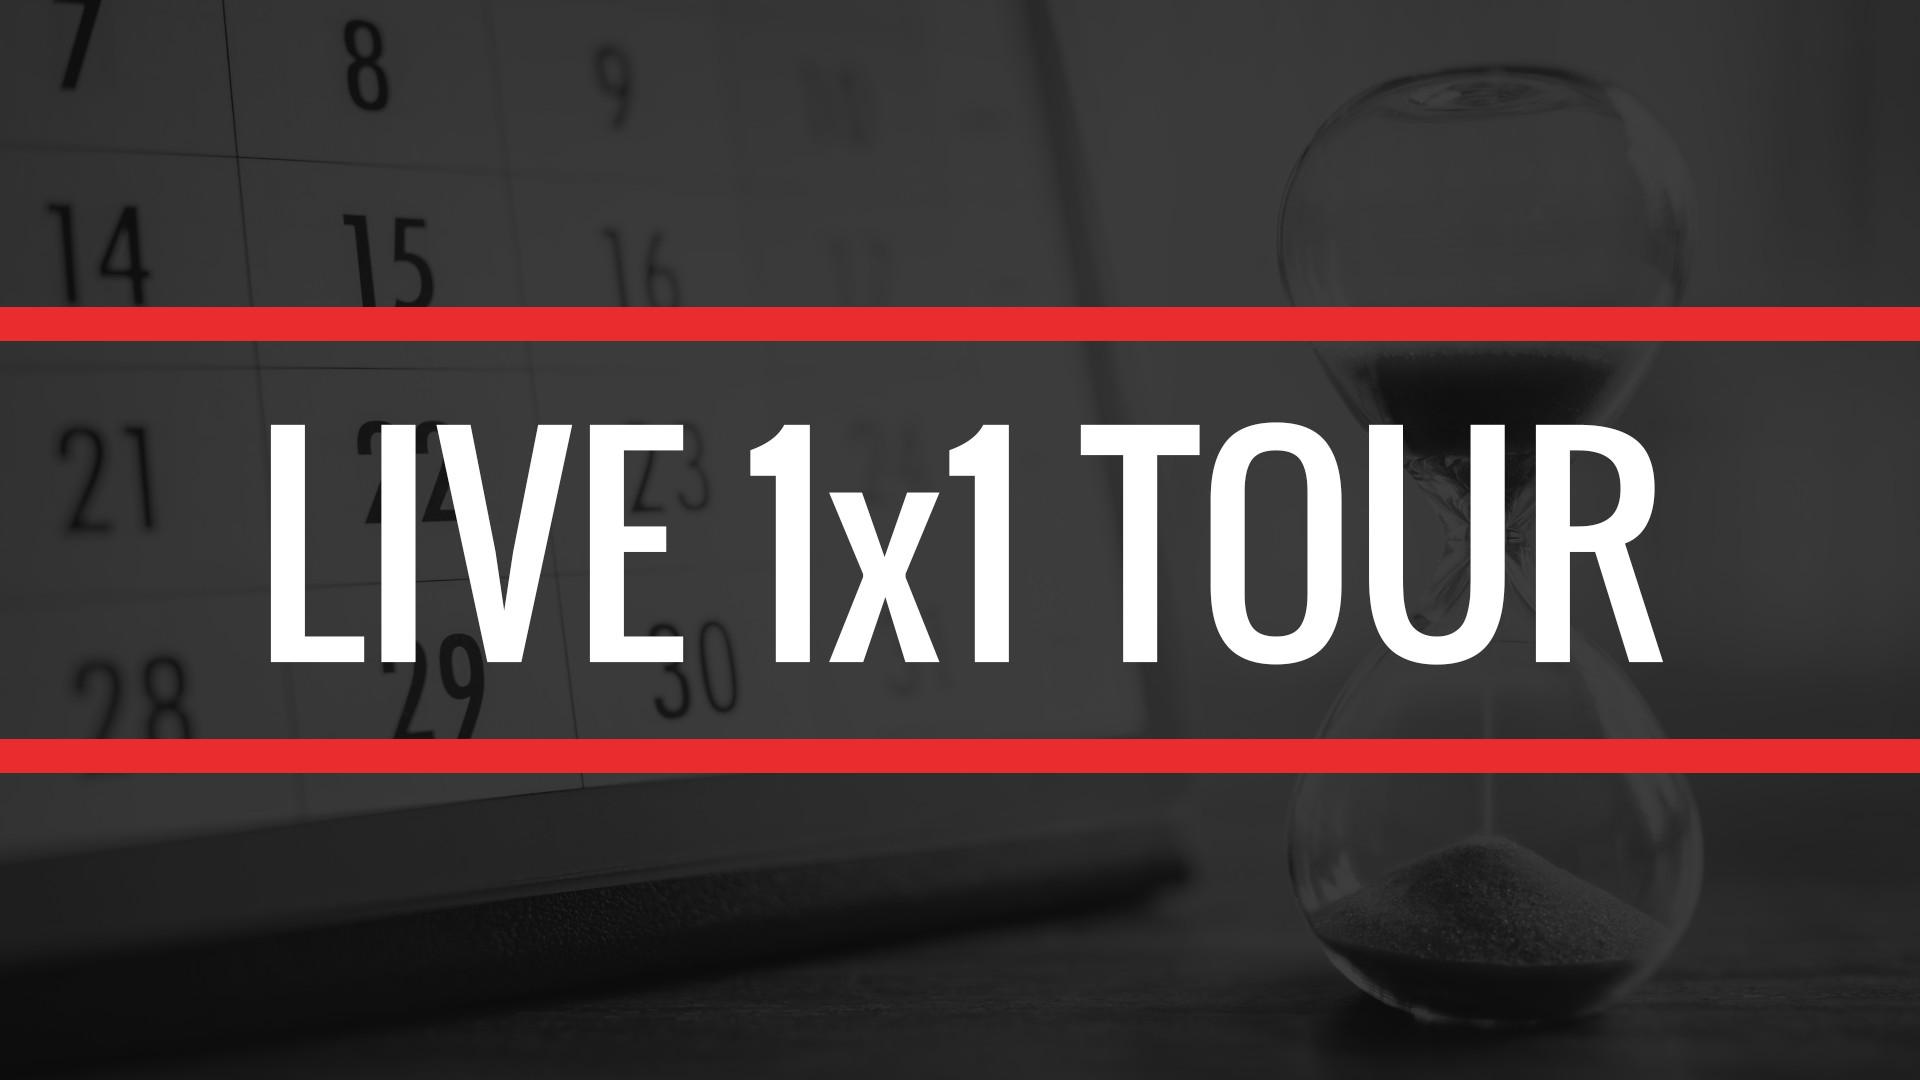 SCHEDULE 1X1 TOUR